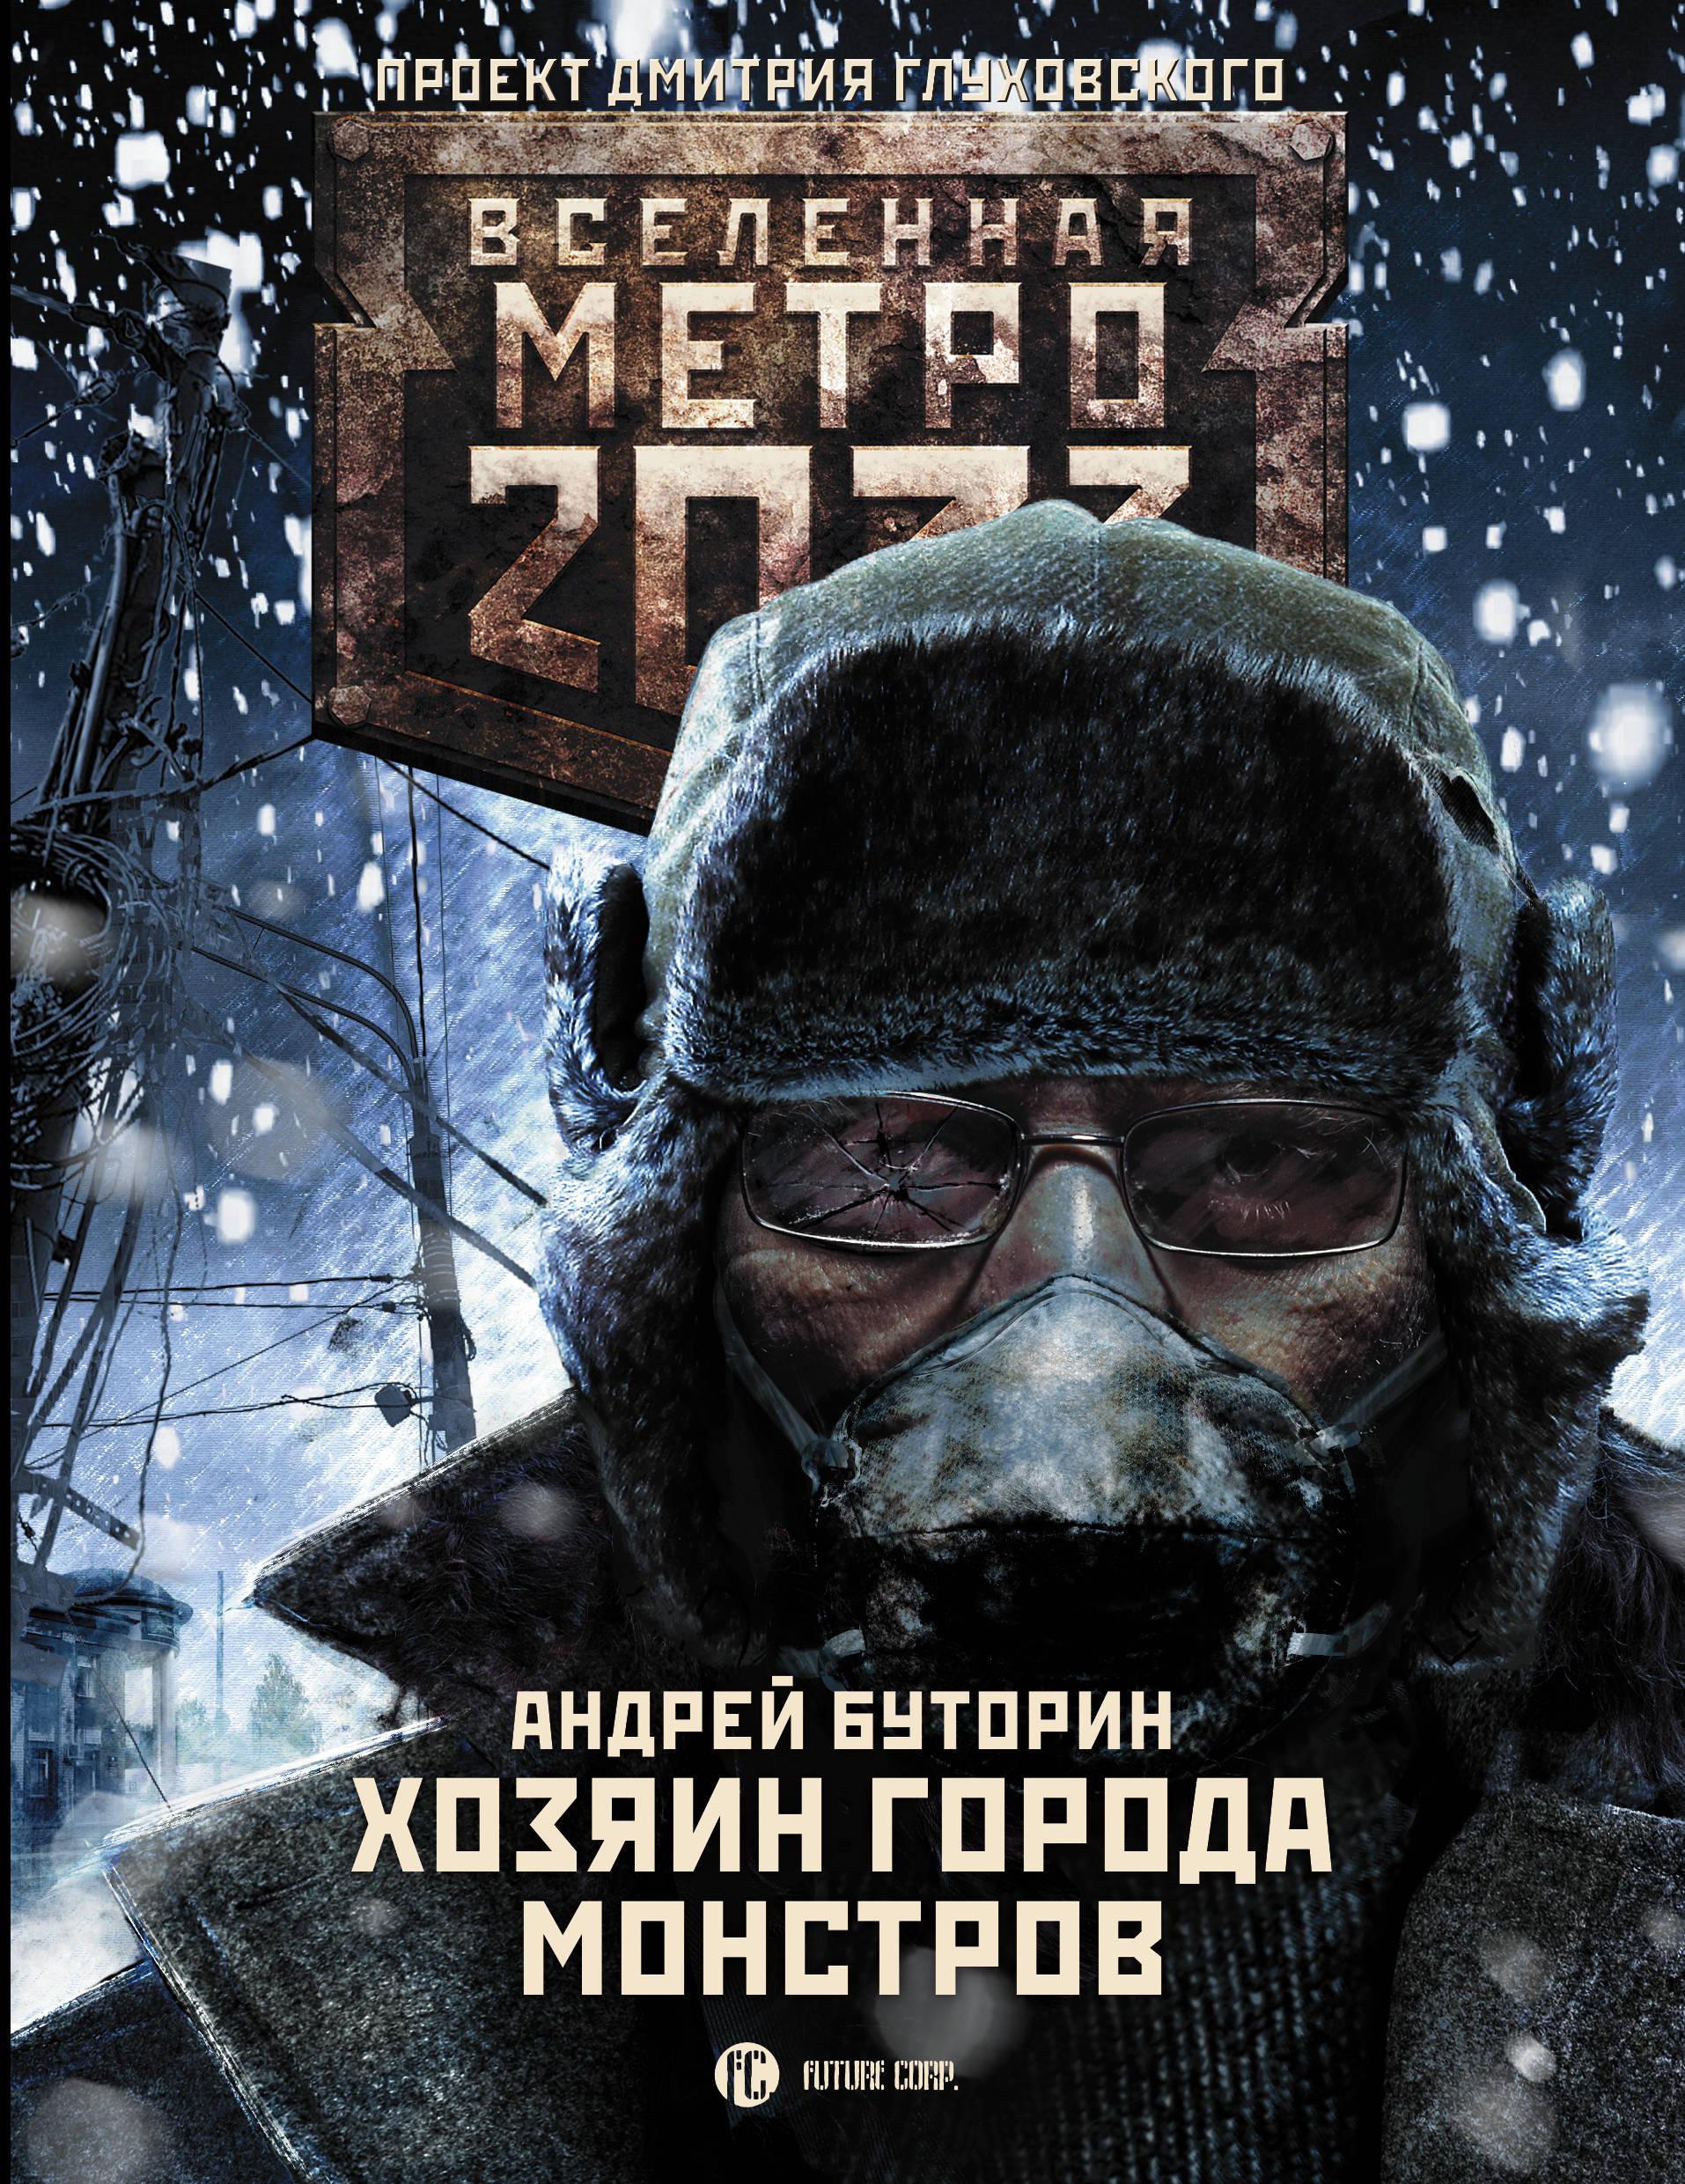 все цены на Андрей Буторин Метро 2033: Хозяин города монстров